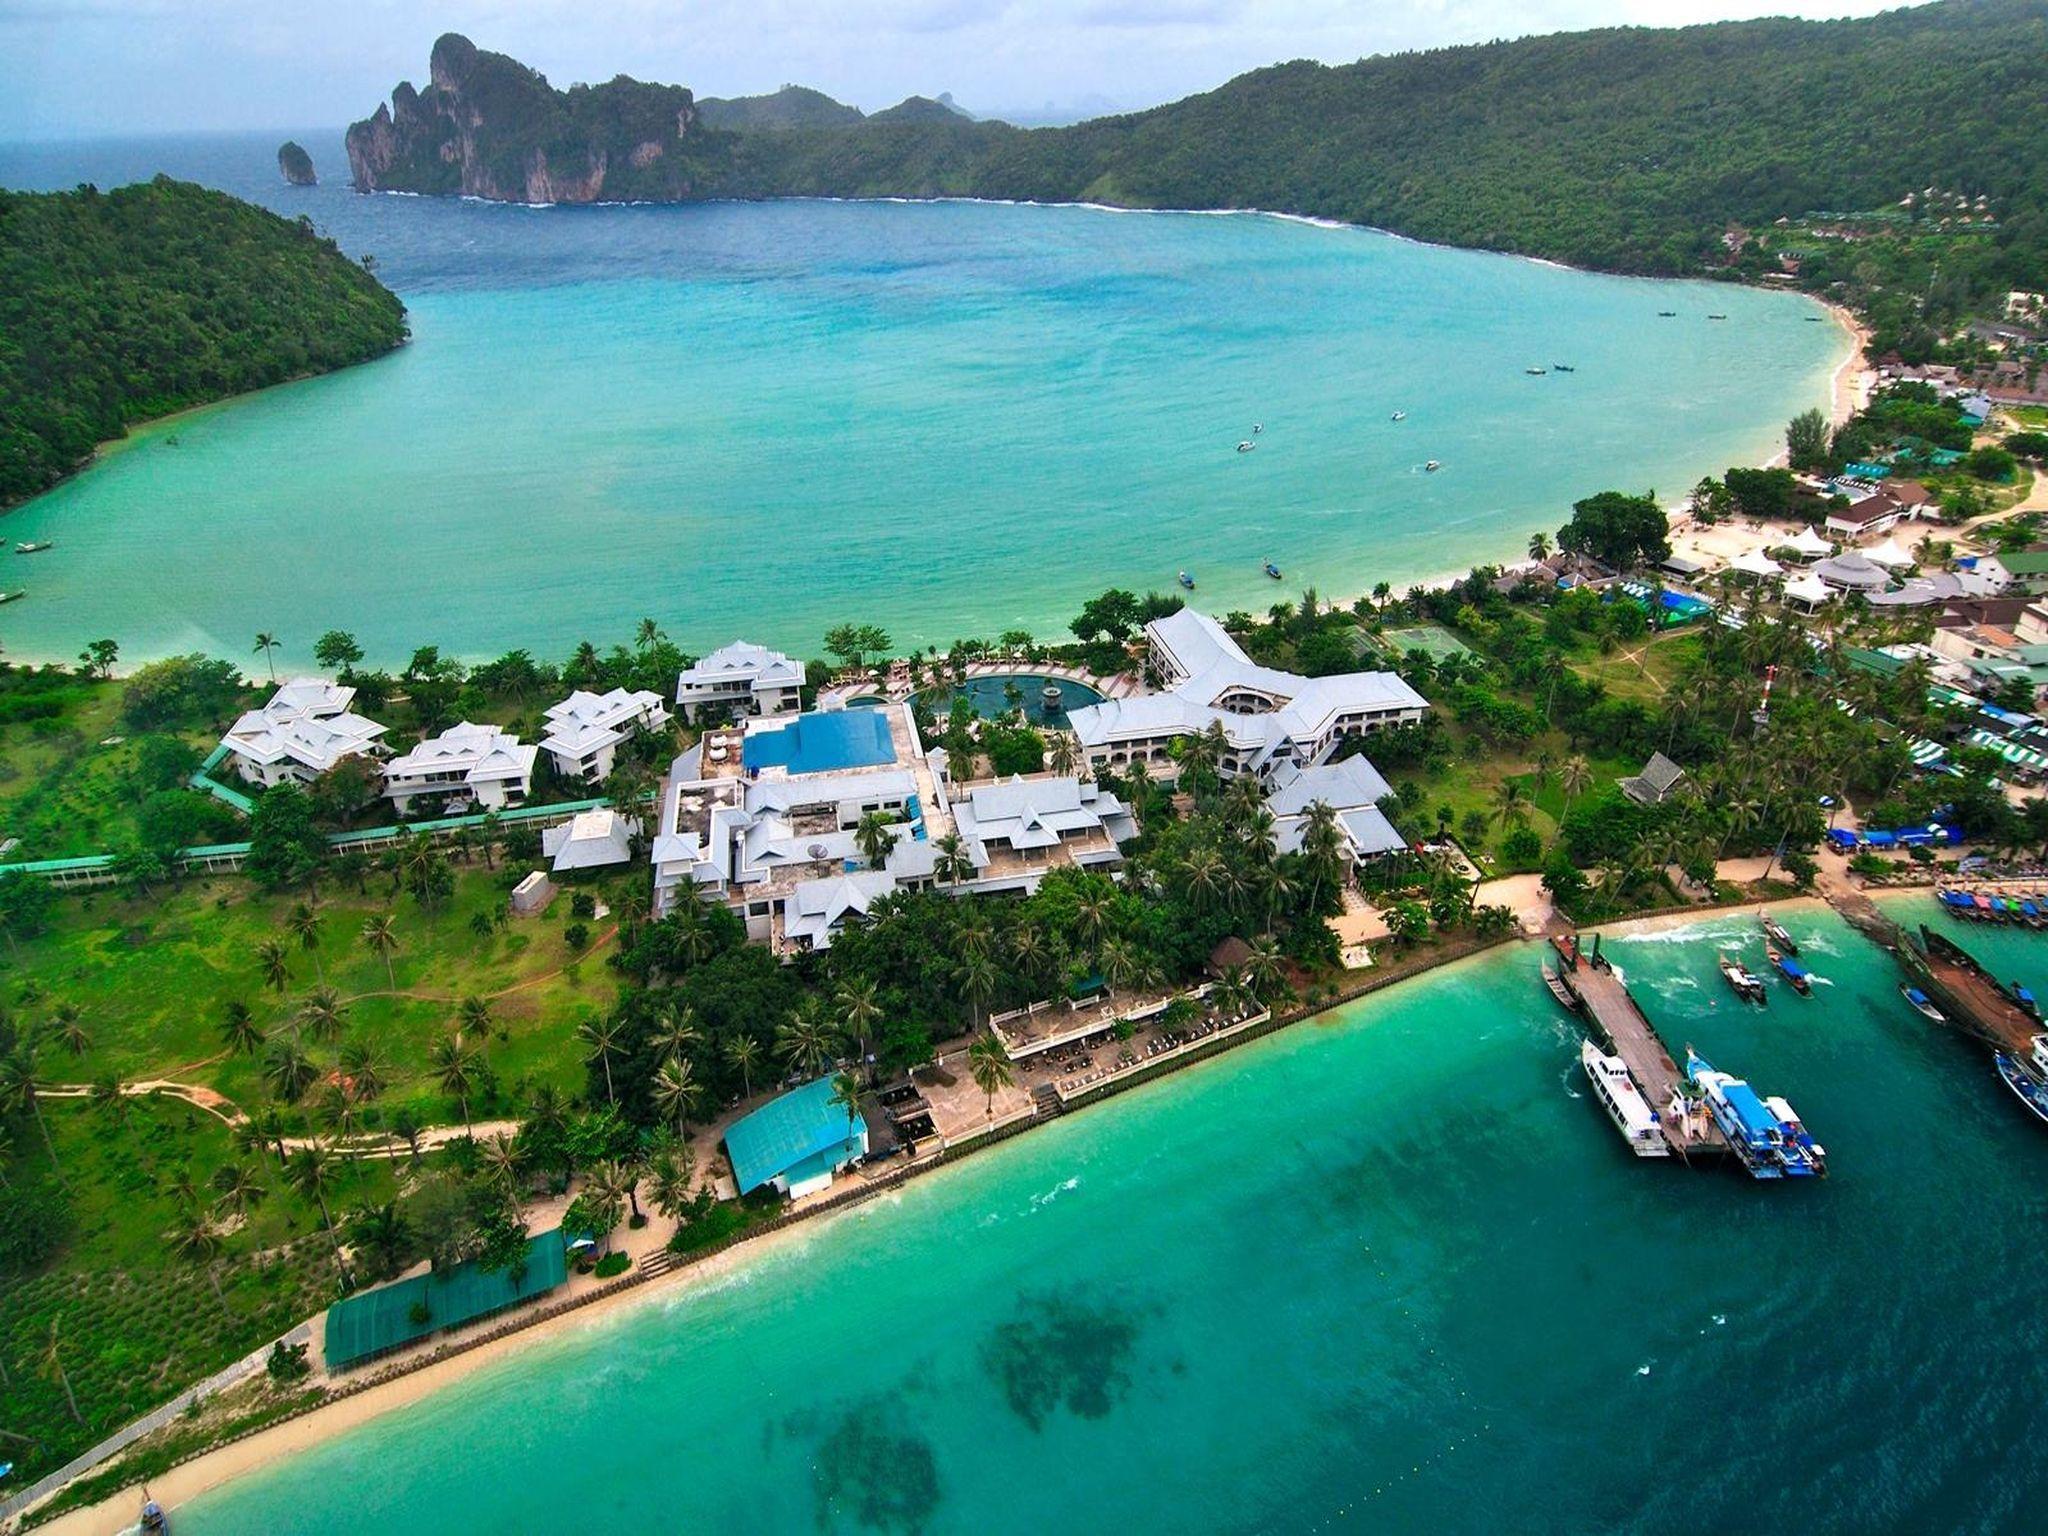 Phi Phi Island Cabana Hotel โรงแรมพีพี ไอส์แลนด์ คาบาน่า